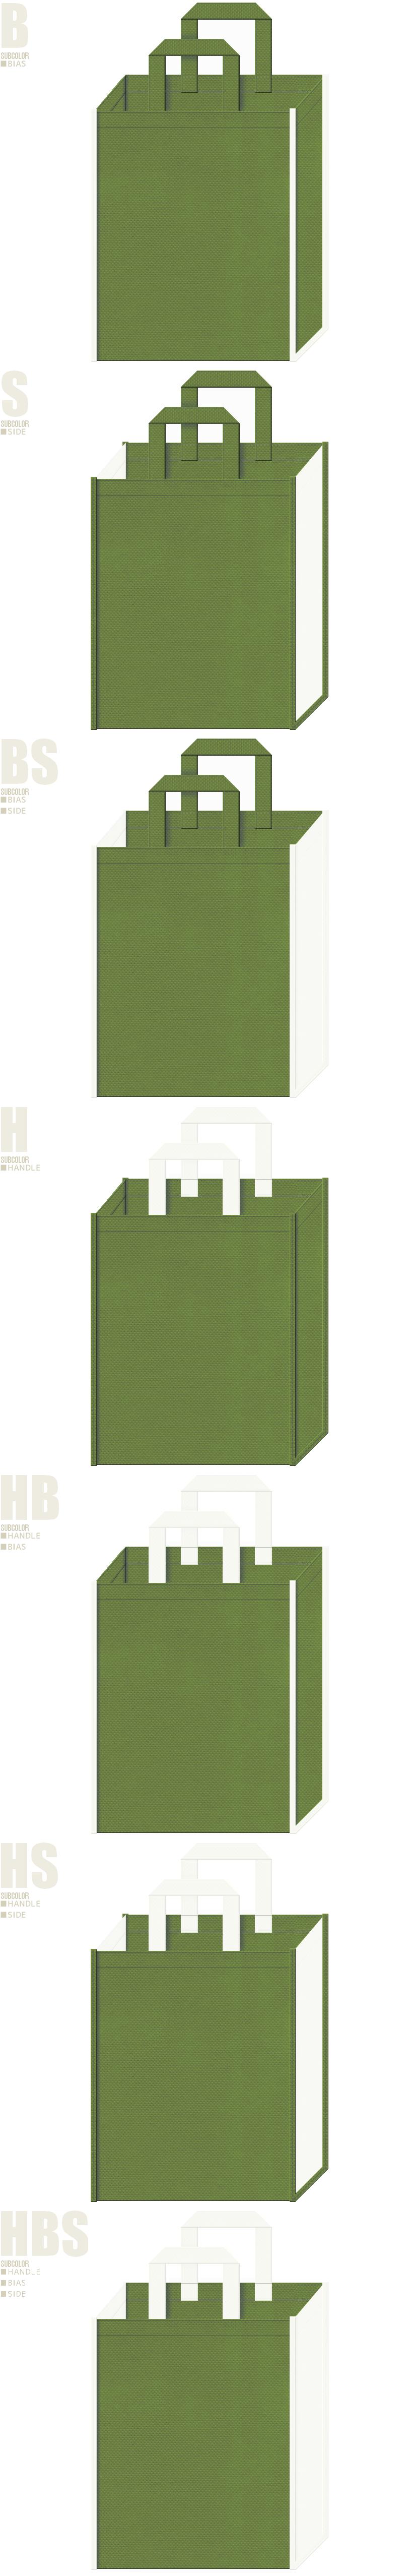 和紙・障子・和モダン・和風建築・抹茶アイス・抹茶オーレ・抹茶ロール・青汁・豆乳・柏餅・和菓子・和風催事にお奨めの不織布バッグデザイン:草色とオフホワイト色の配色7パターン